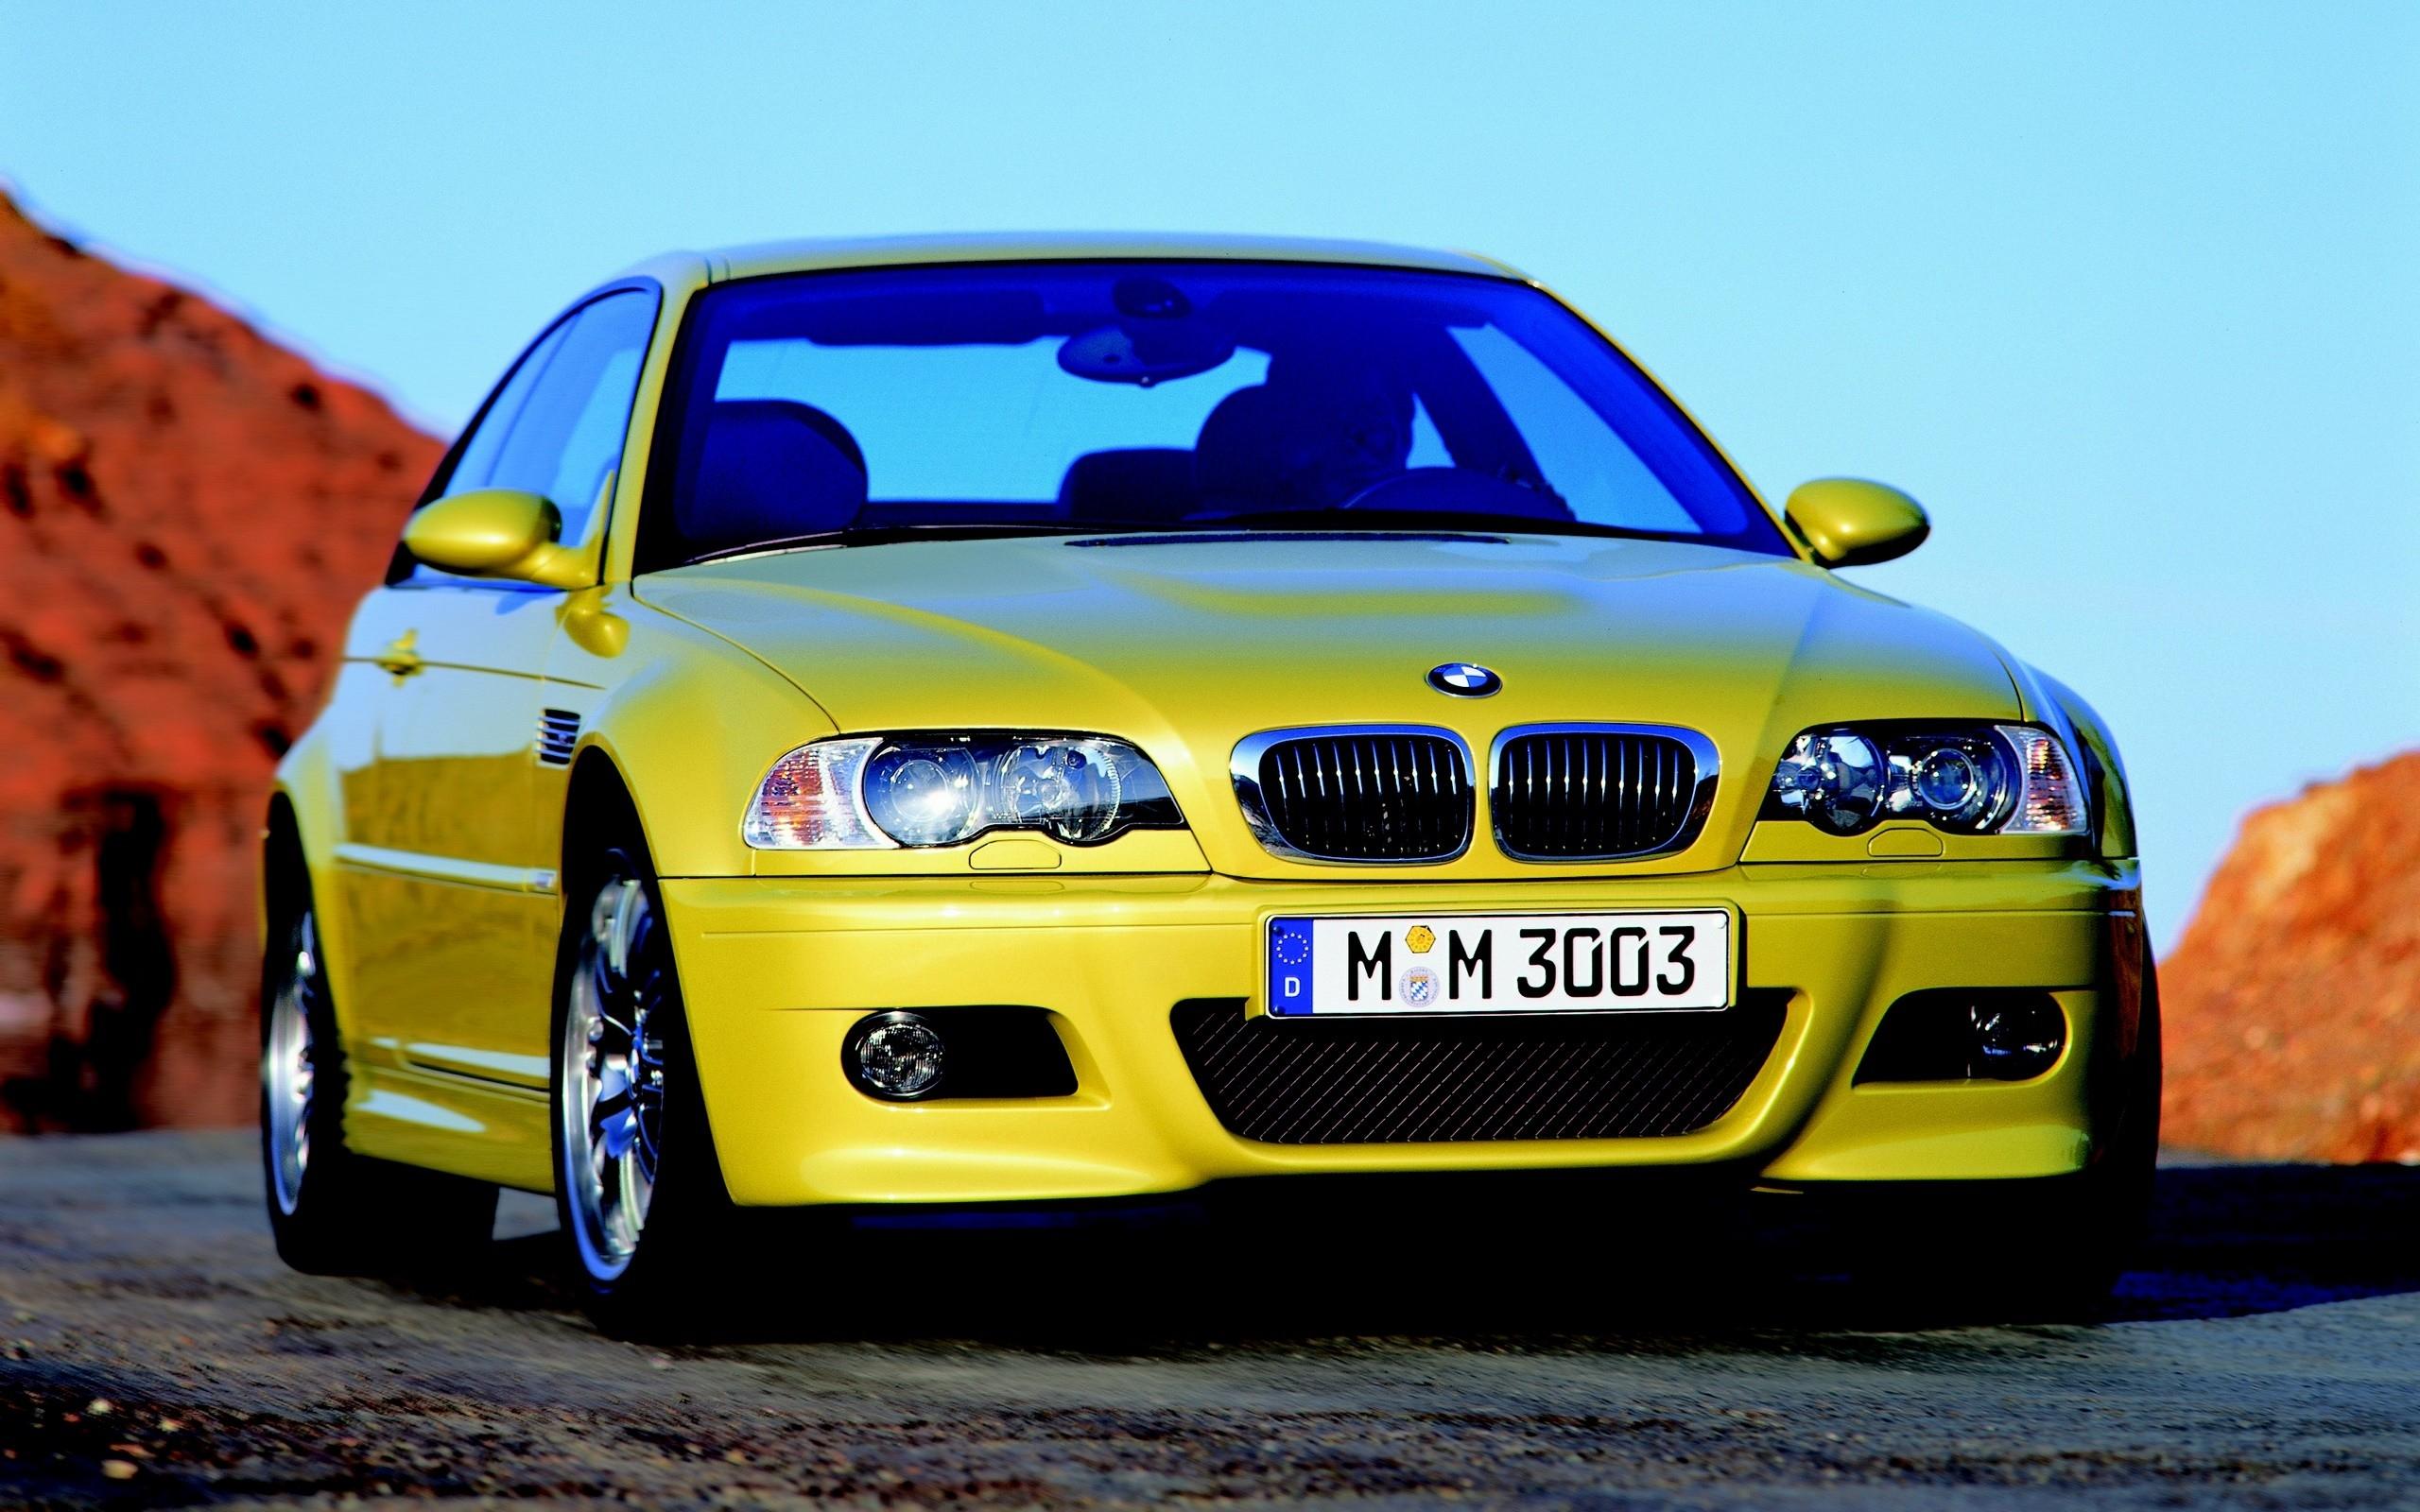 Fondos De Pantalla Bmw E46 M3 Carros Amarillo Estilo